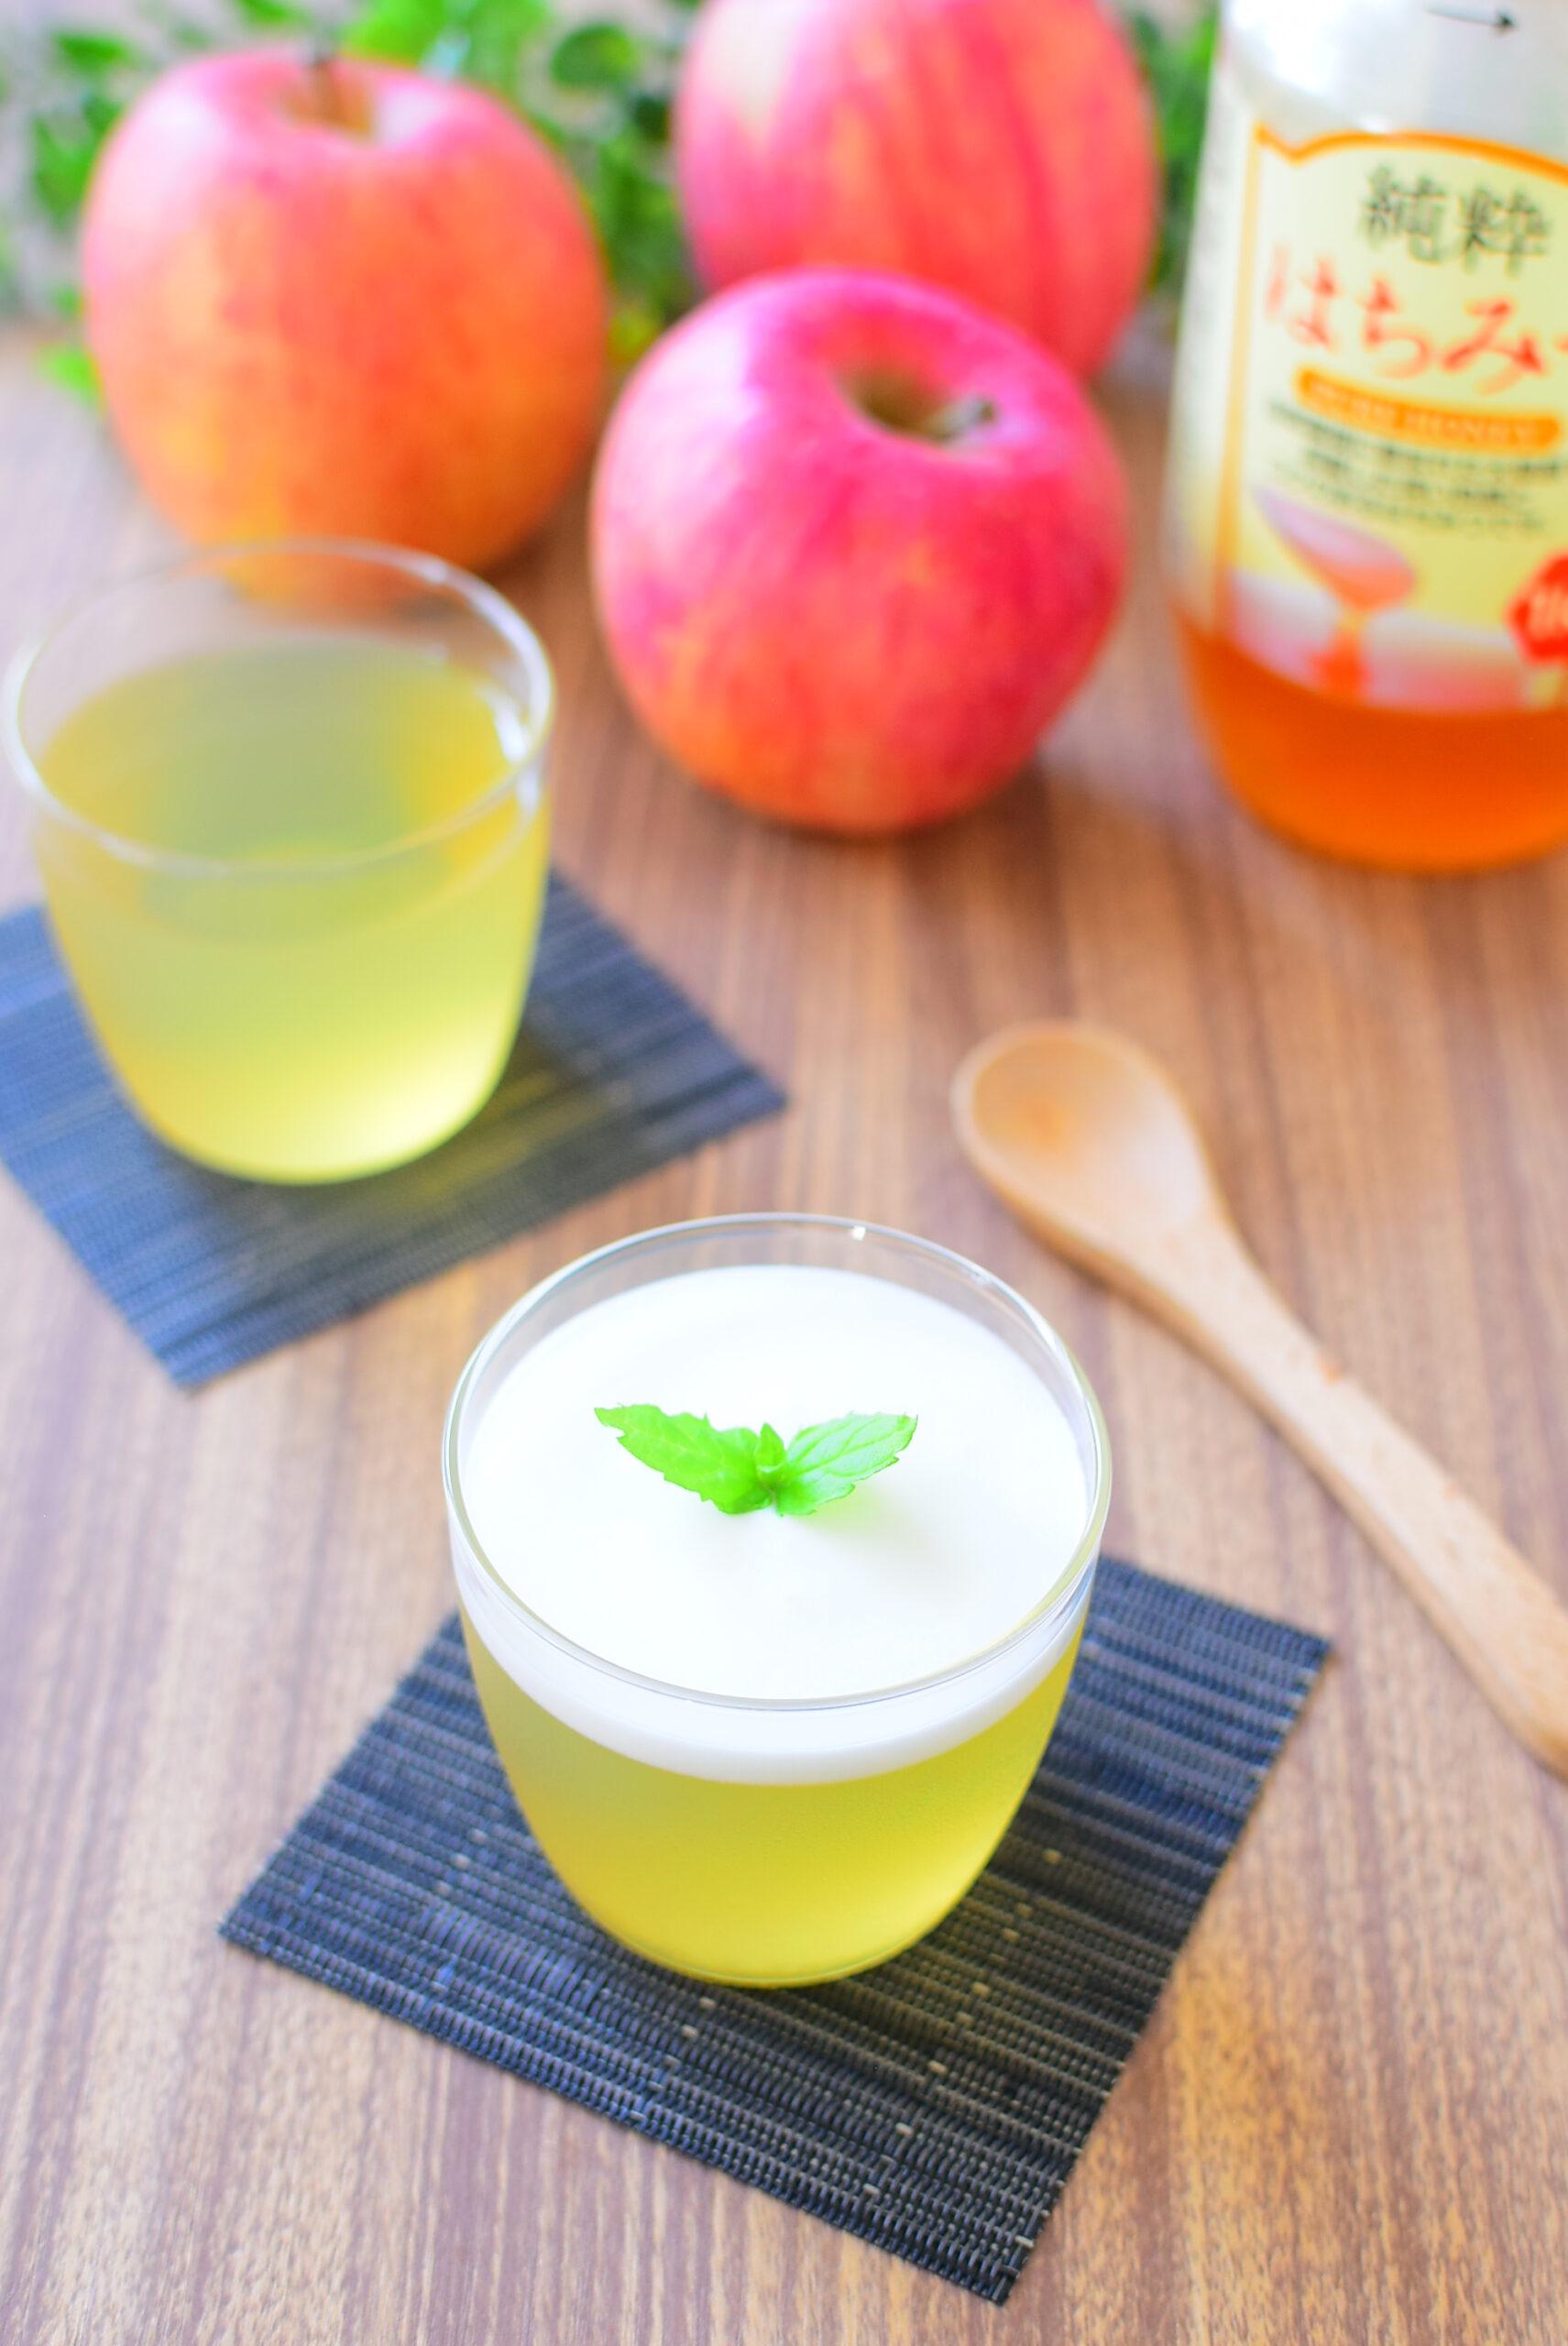 【砂糖なし】ヨーグルトソースがけりんごジュースゼリーのレシピの写真